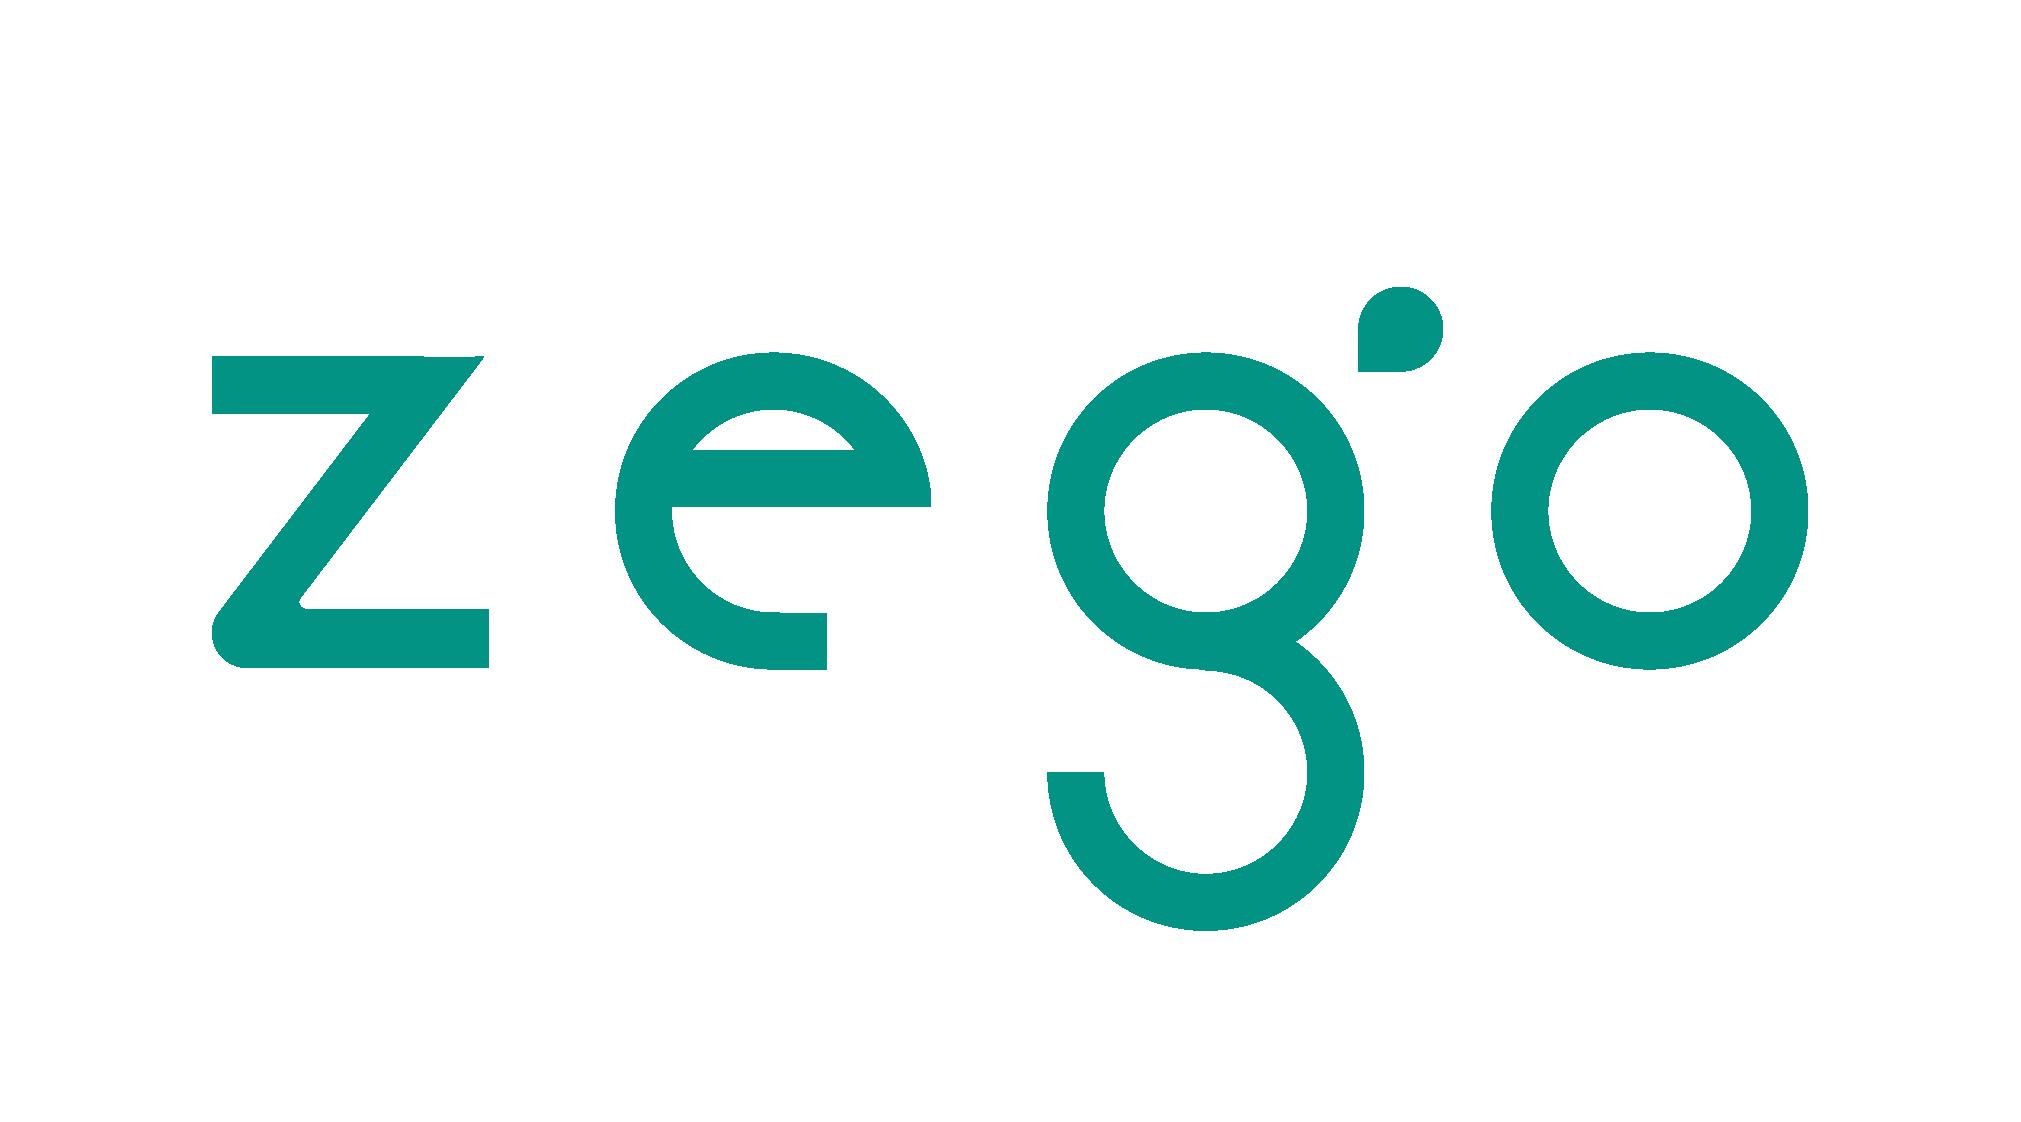 zego_teal